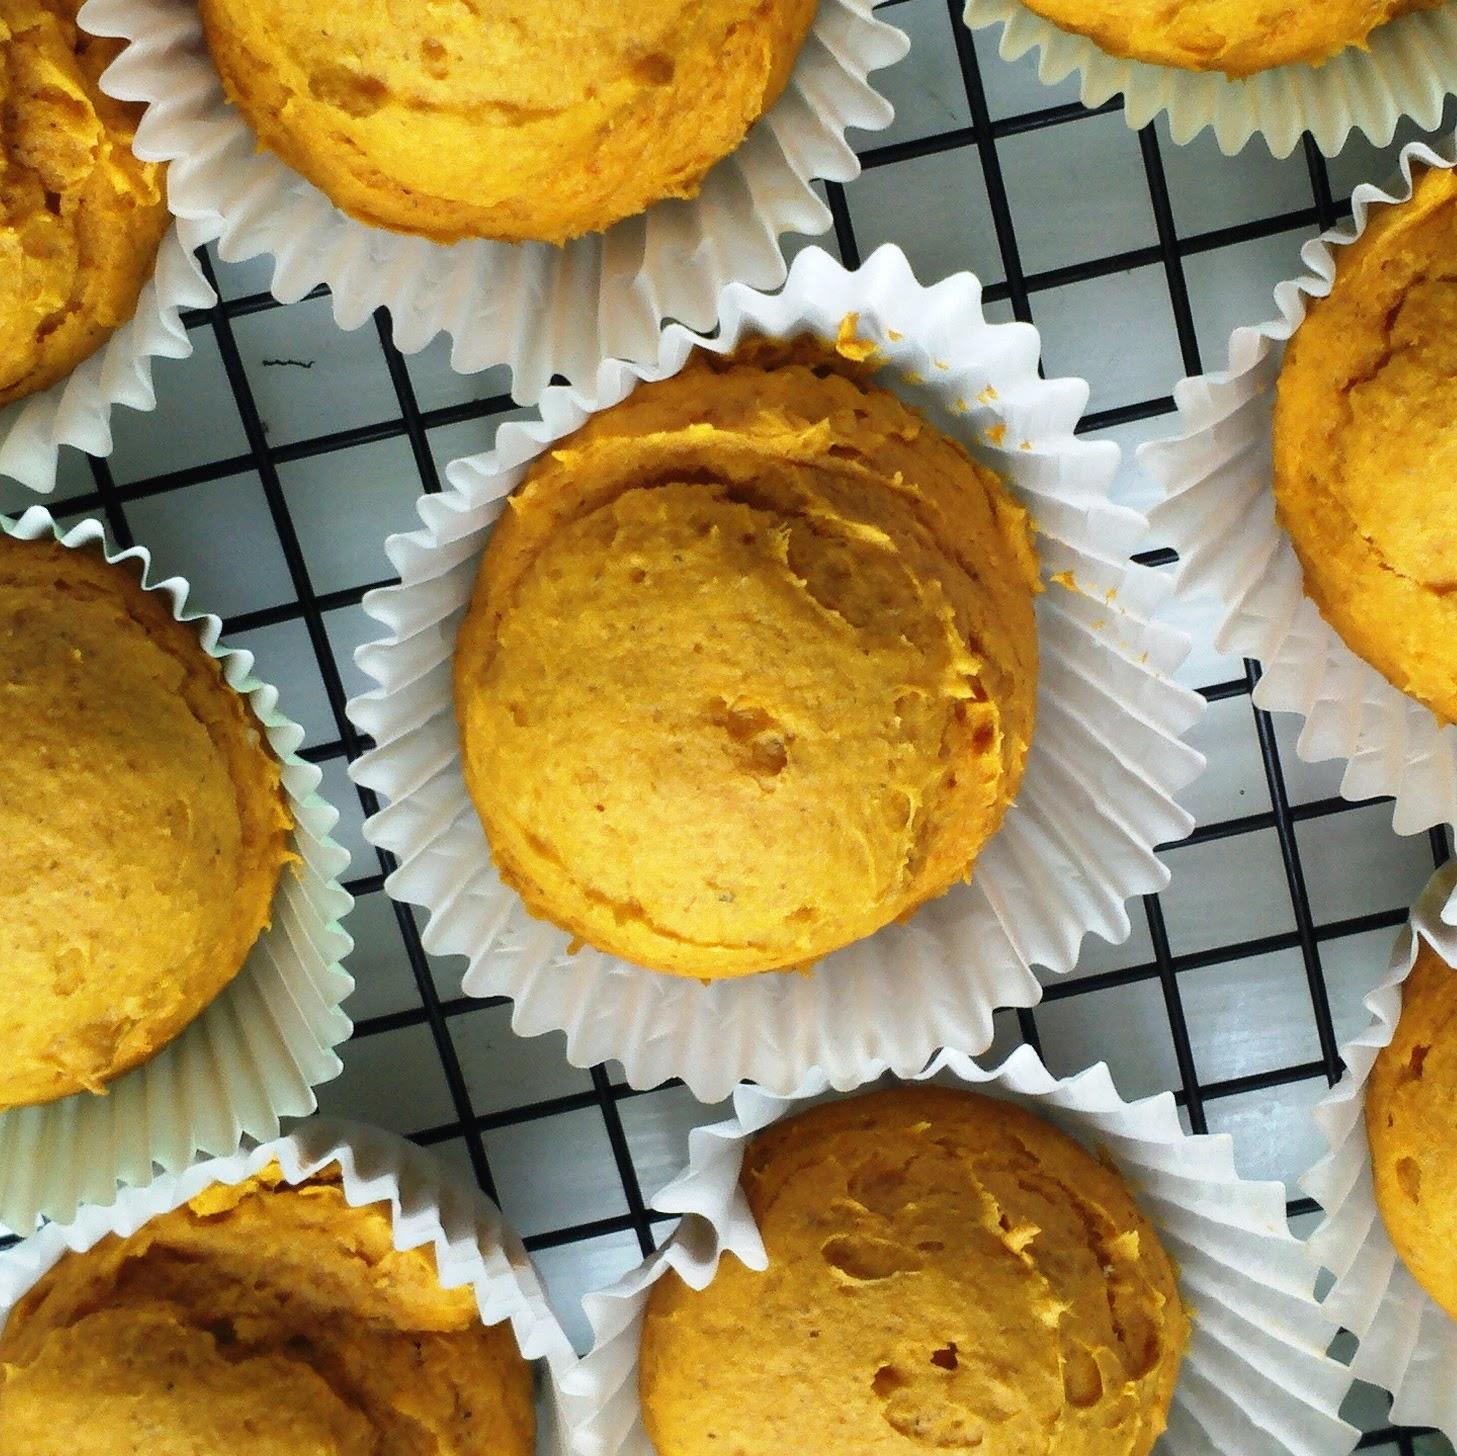 The Broken Oven: Quick & Easy Pumpkin Muffins